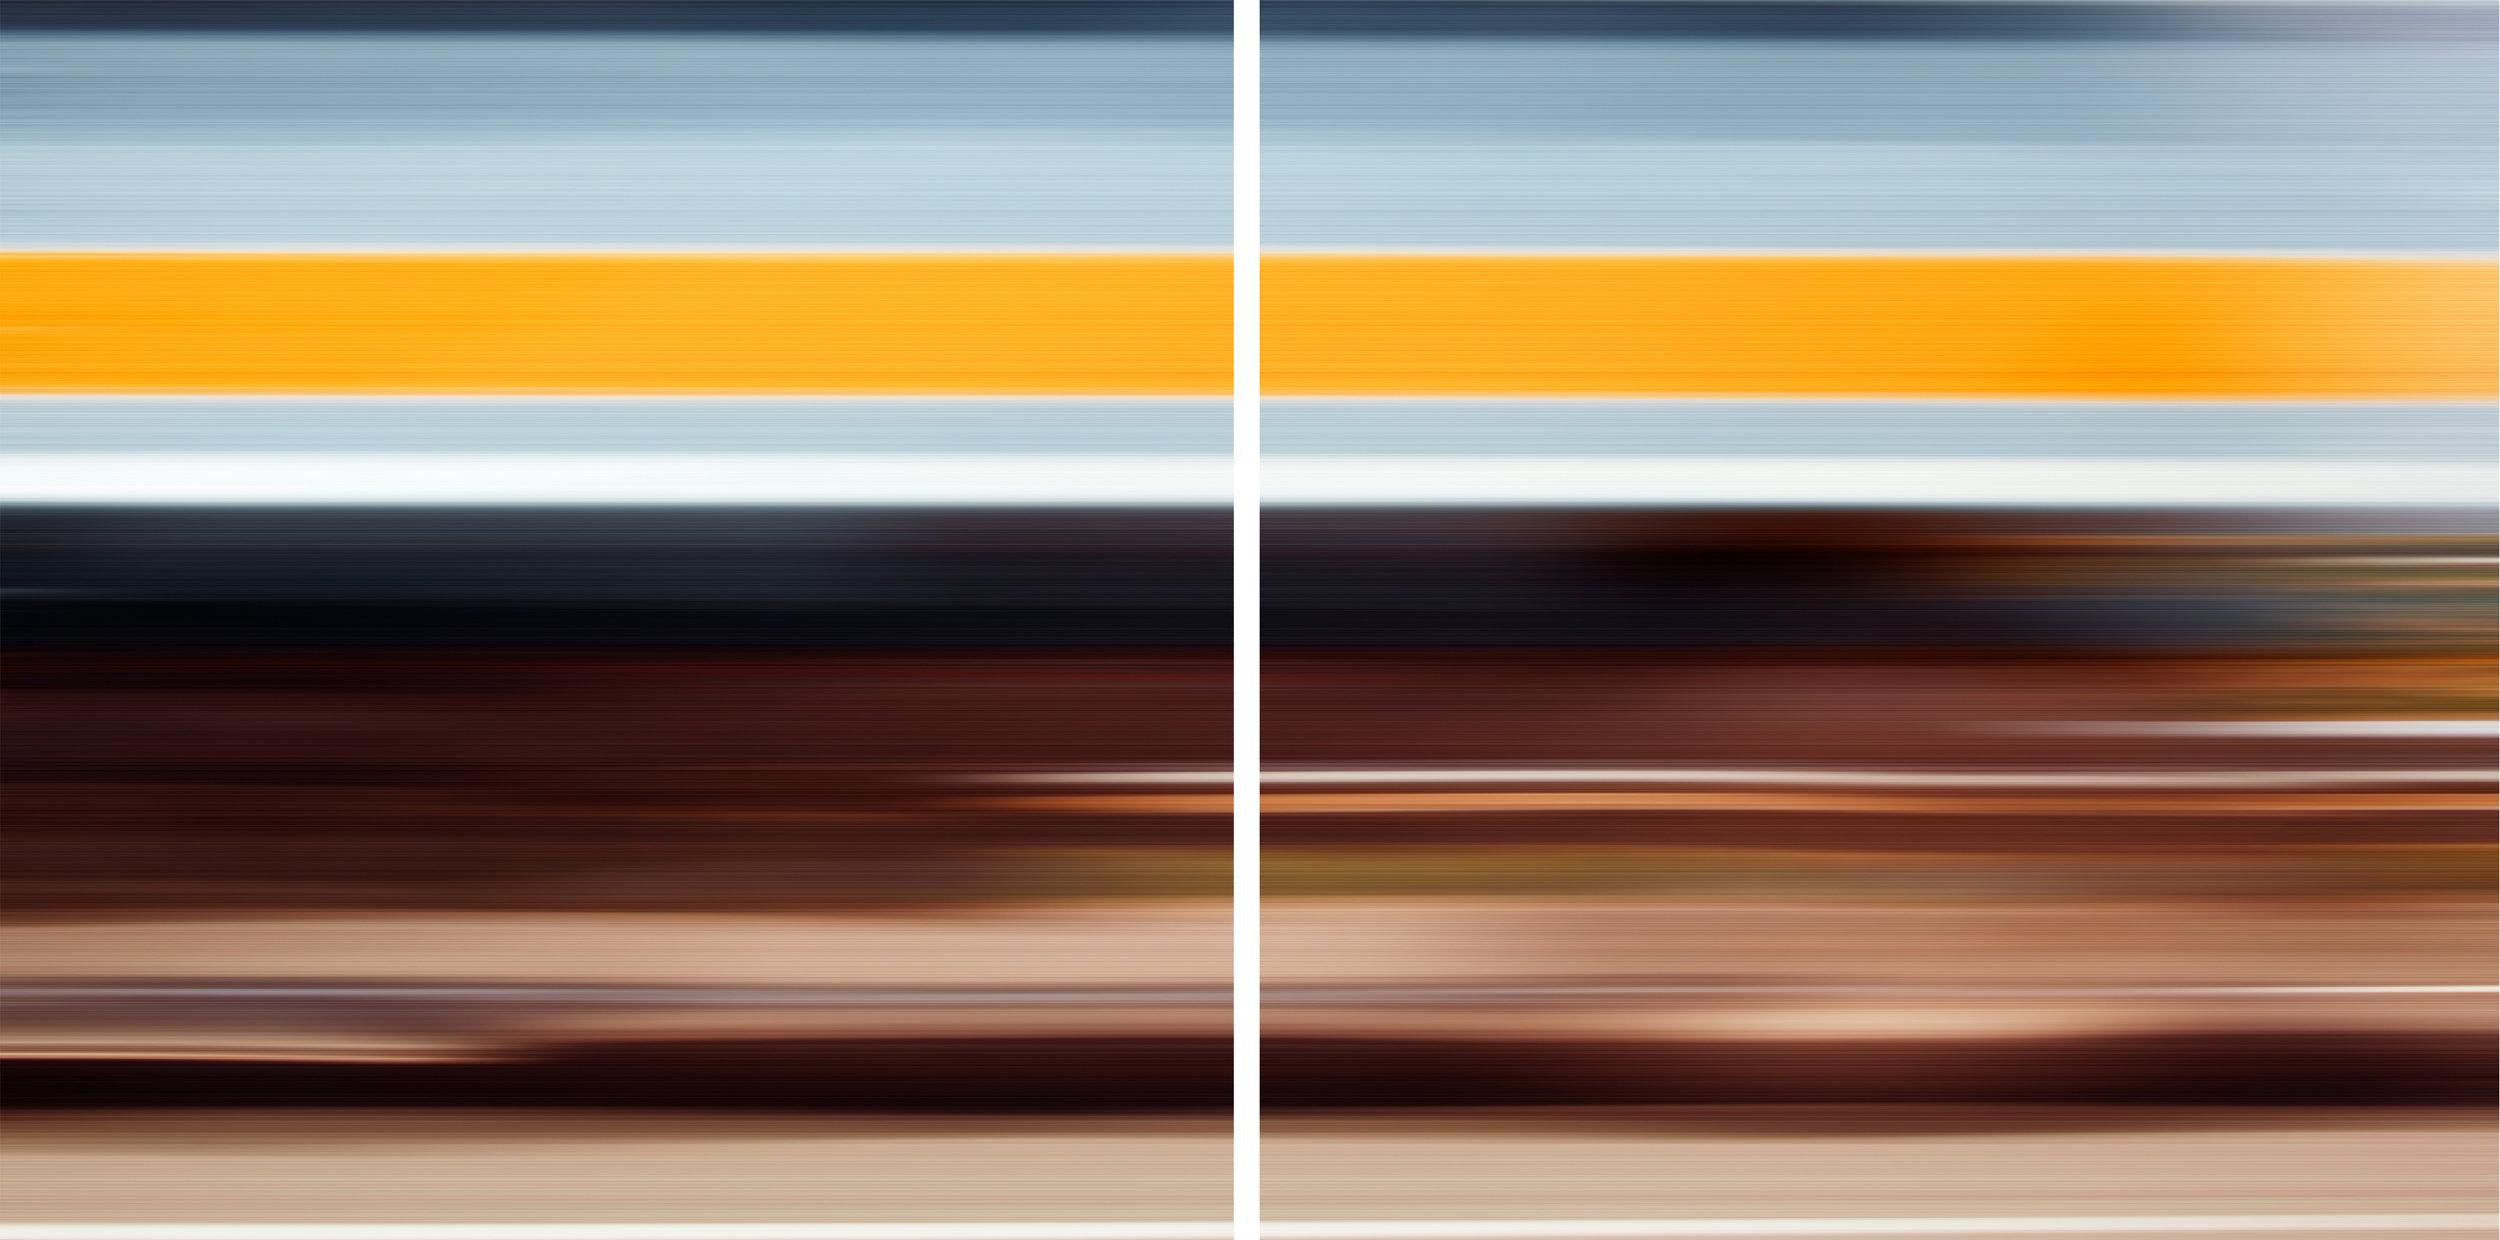 yellow-on-blue_DSC_0143.jpg